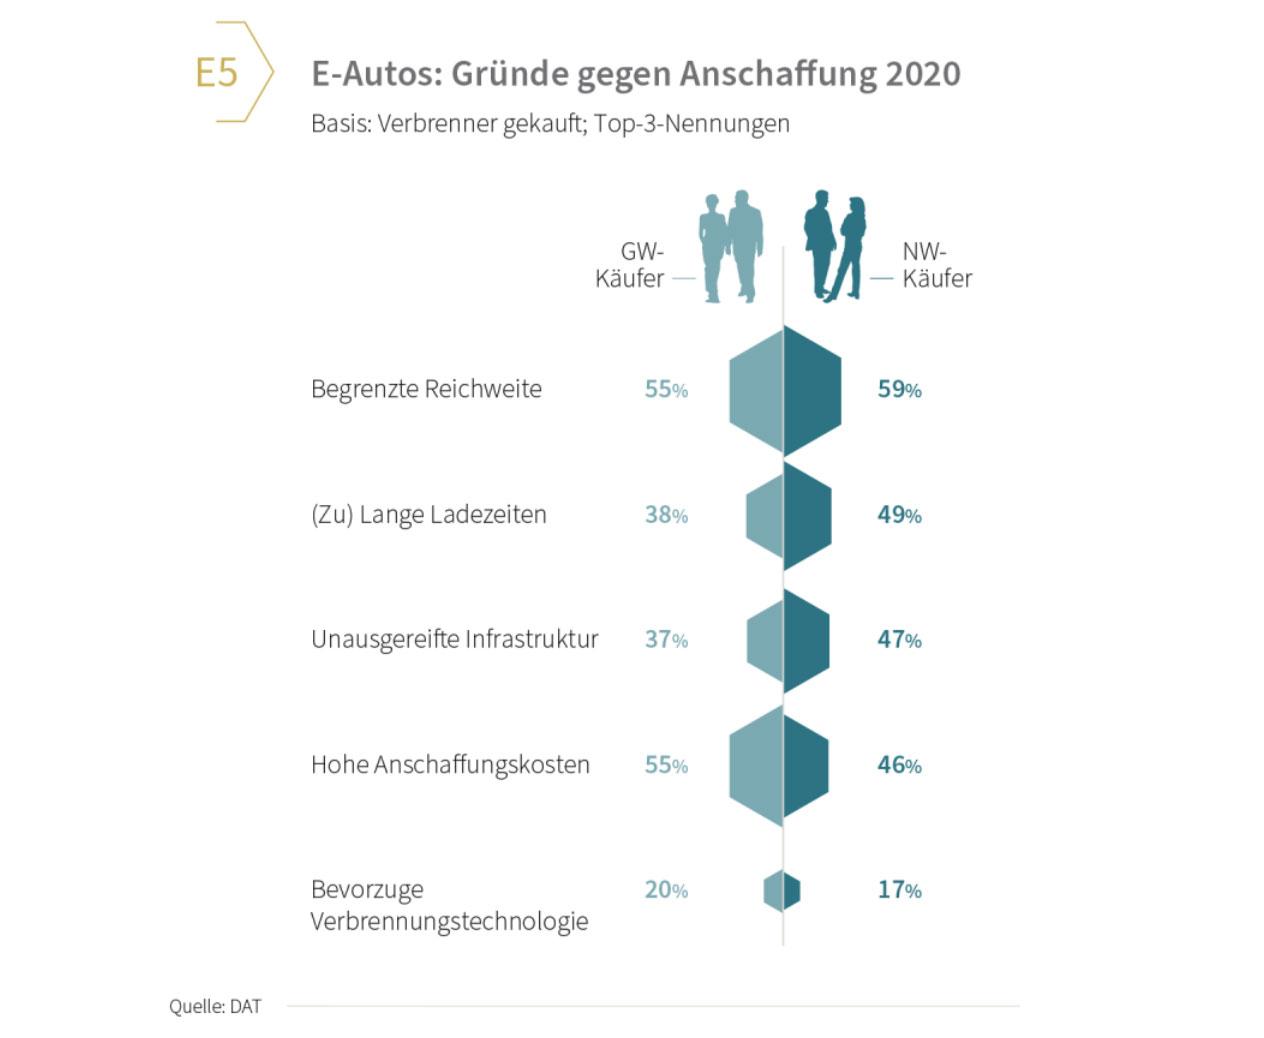 DAT-Report-2021-Elektrauto-Gruende-dagegen